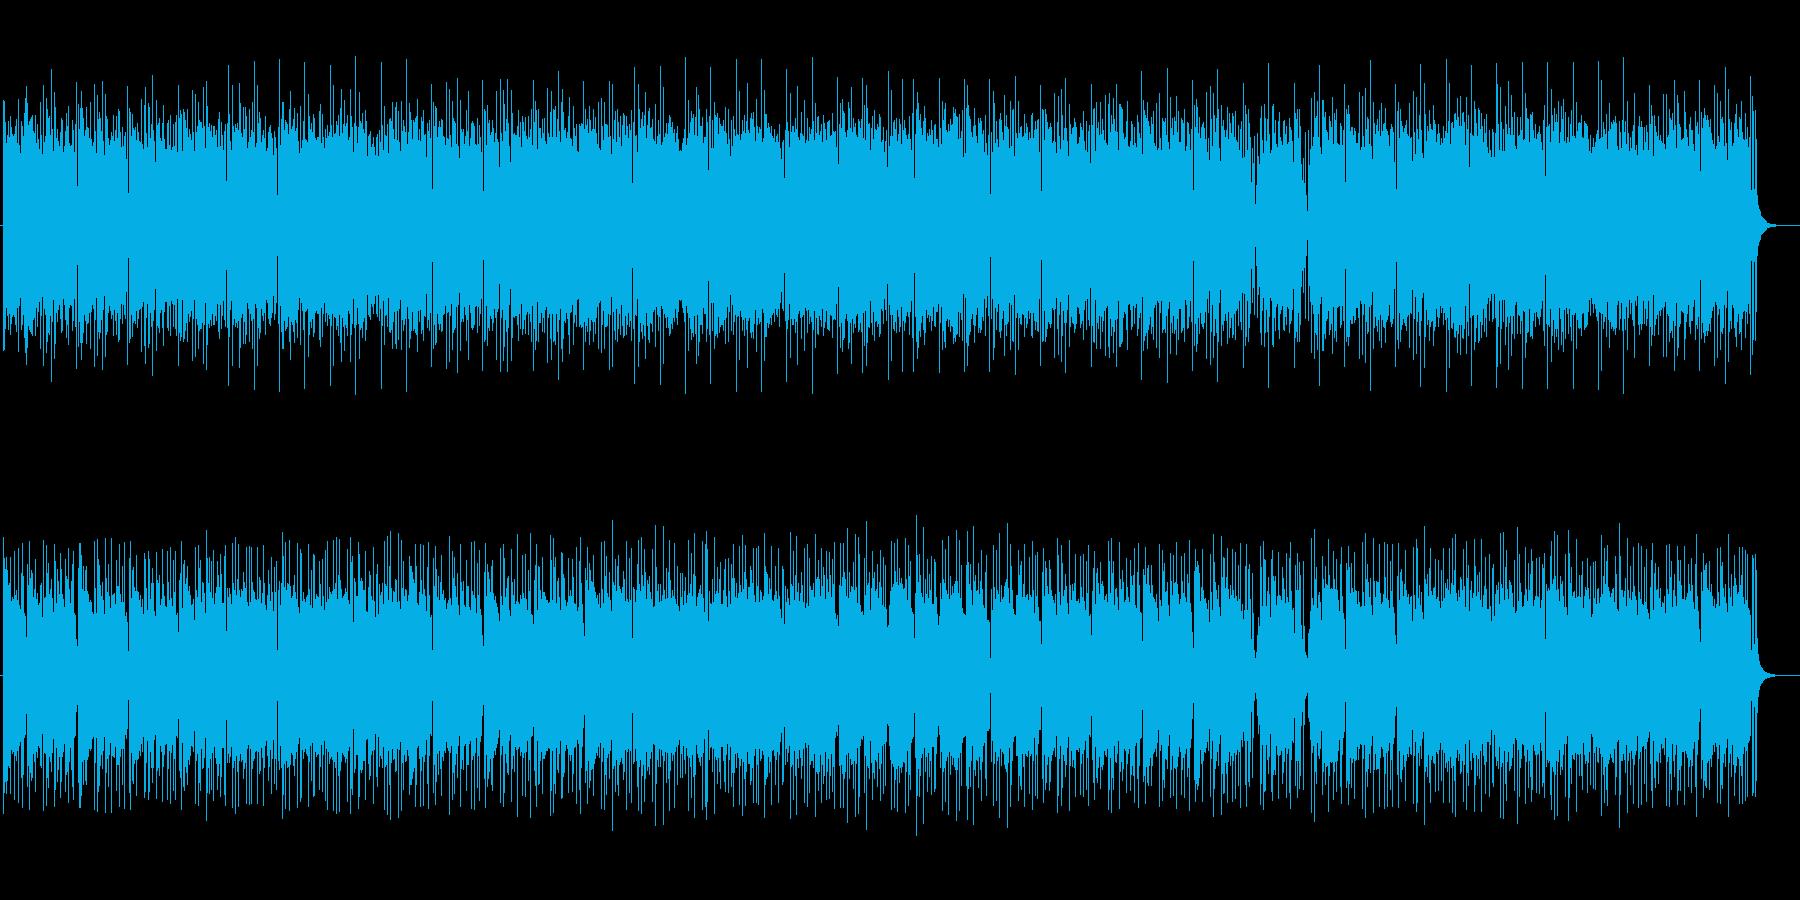 夜のムード漂うEDMサウンドの再生済みの波形